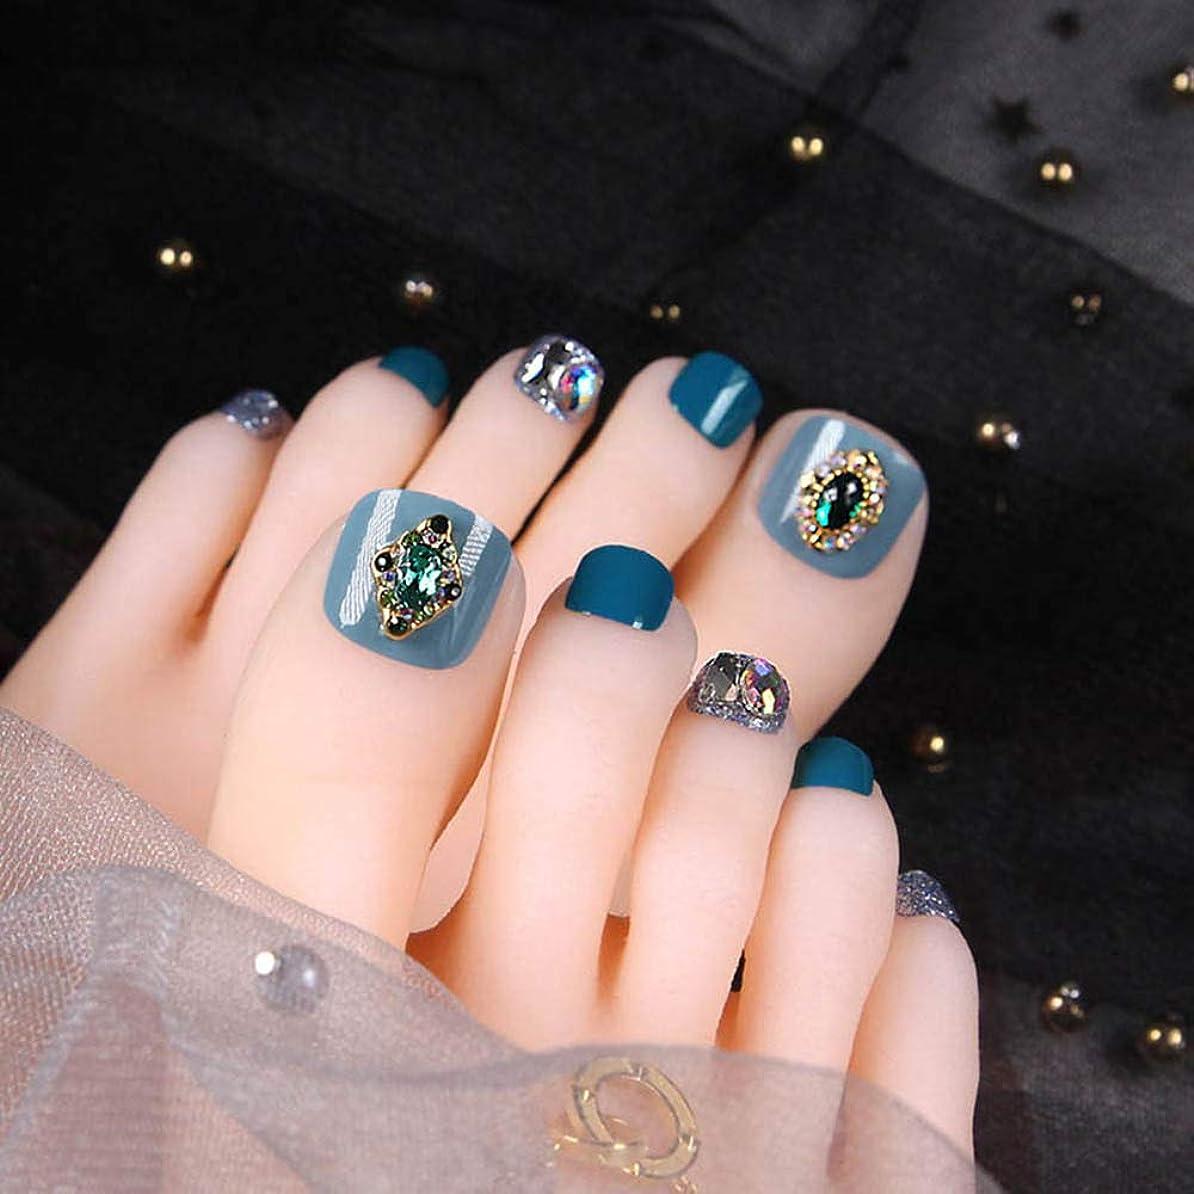 クラウン平手打ちドロップXUTXZKA 24PCSライトブルースモールフレッシュフェイクトゥネイルショートフルカバーウェアラブルデタッチャブルグリッターダイヤモンド爪